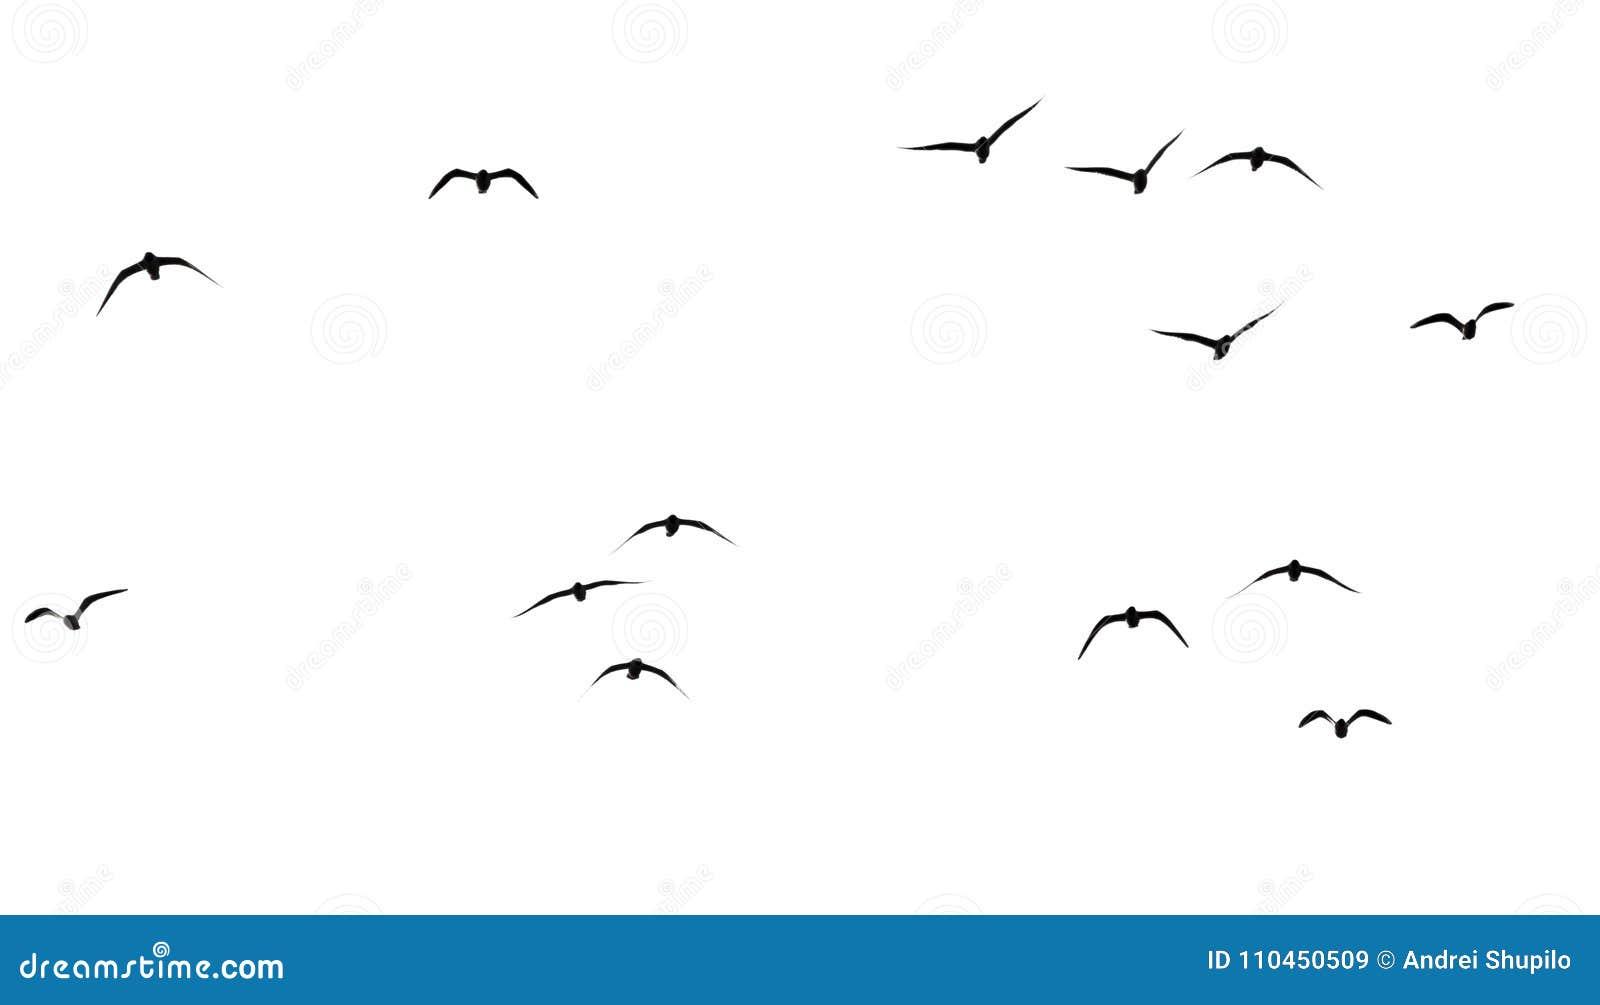 Kontur av en flock av fåglar på en vit bakgrund